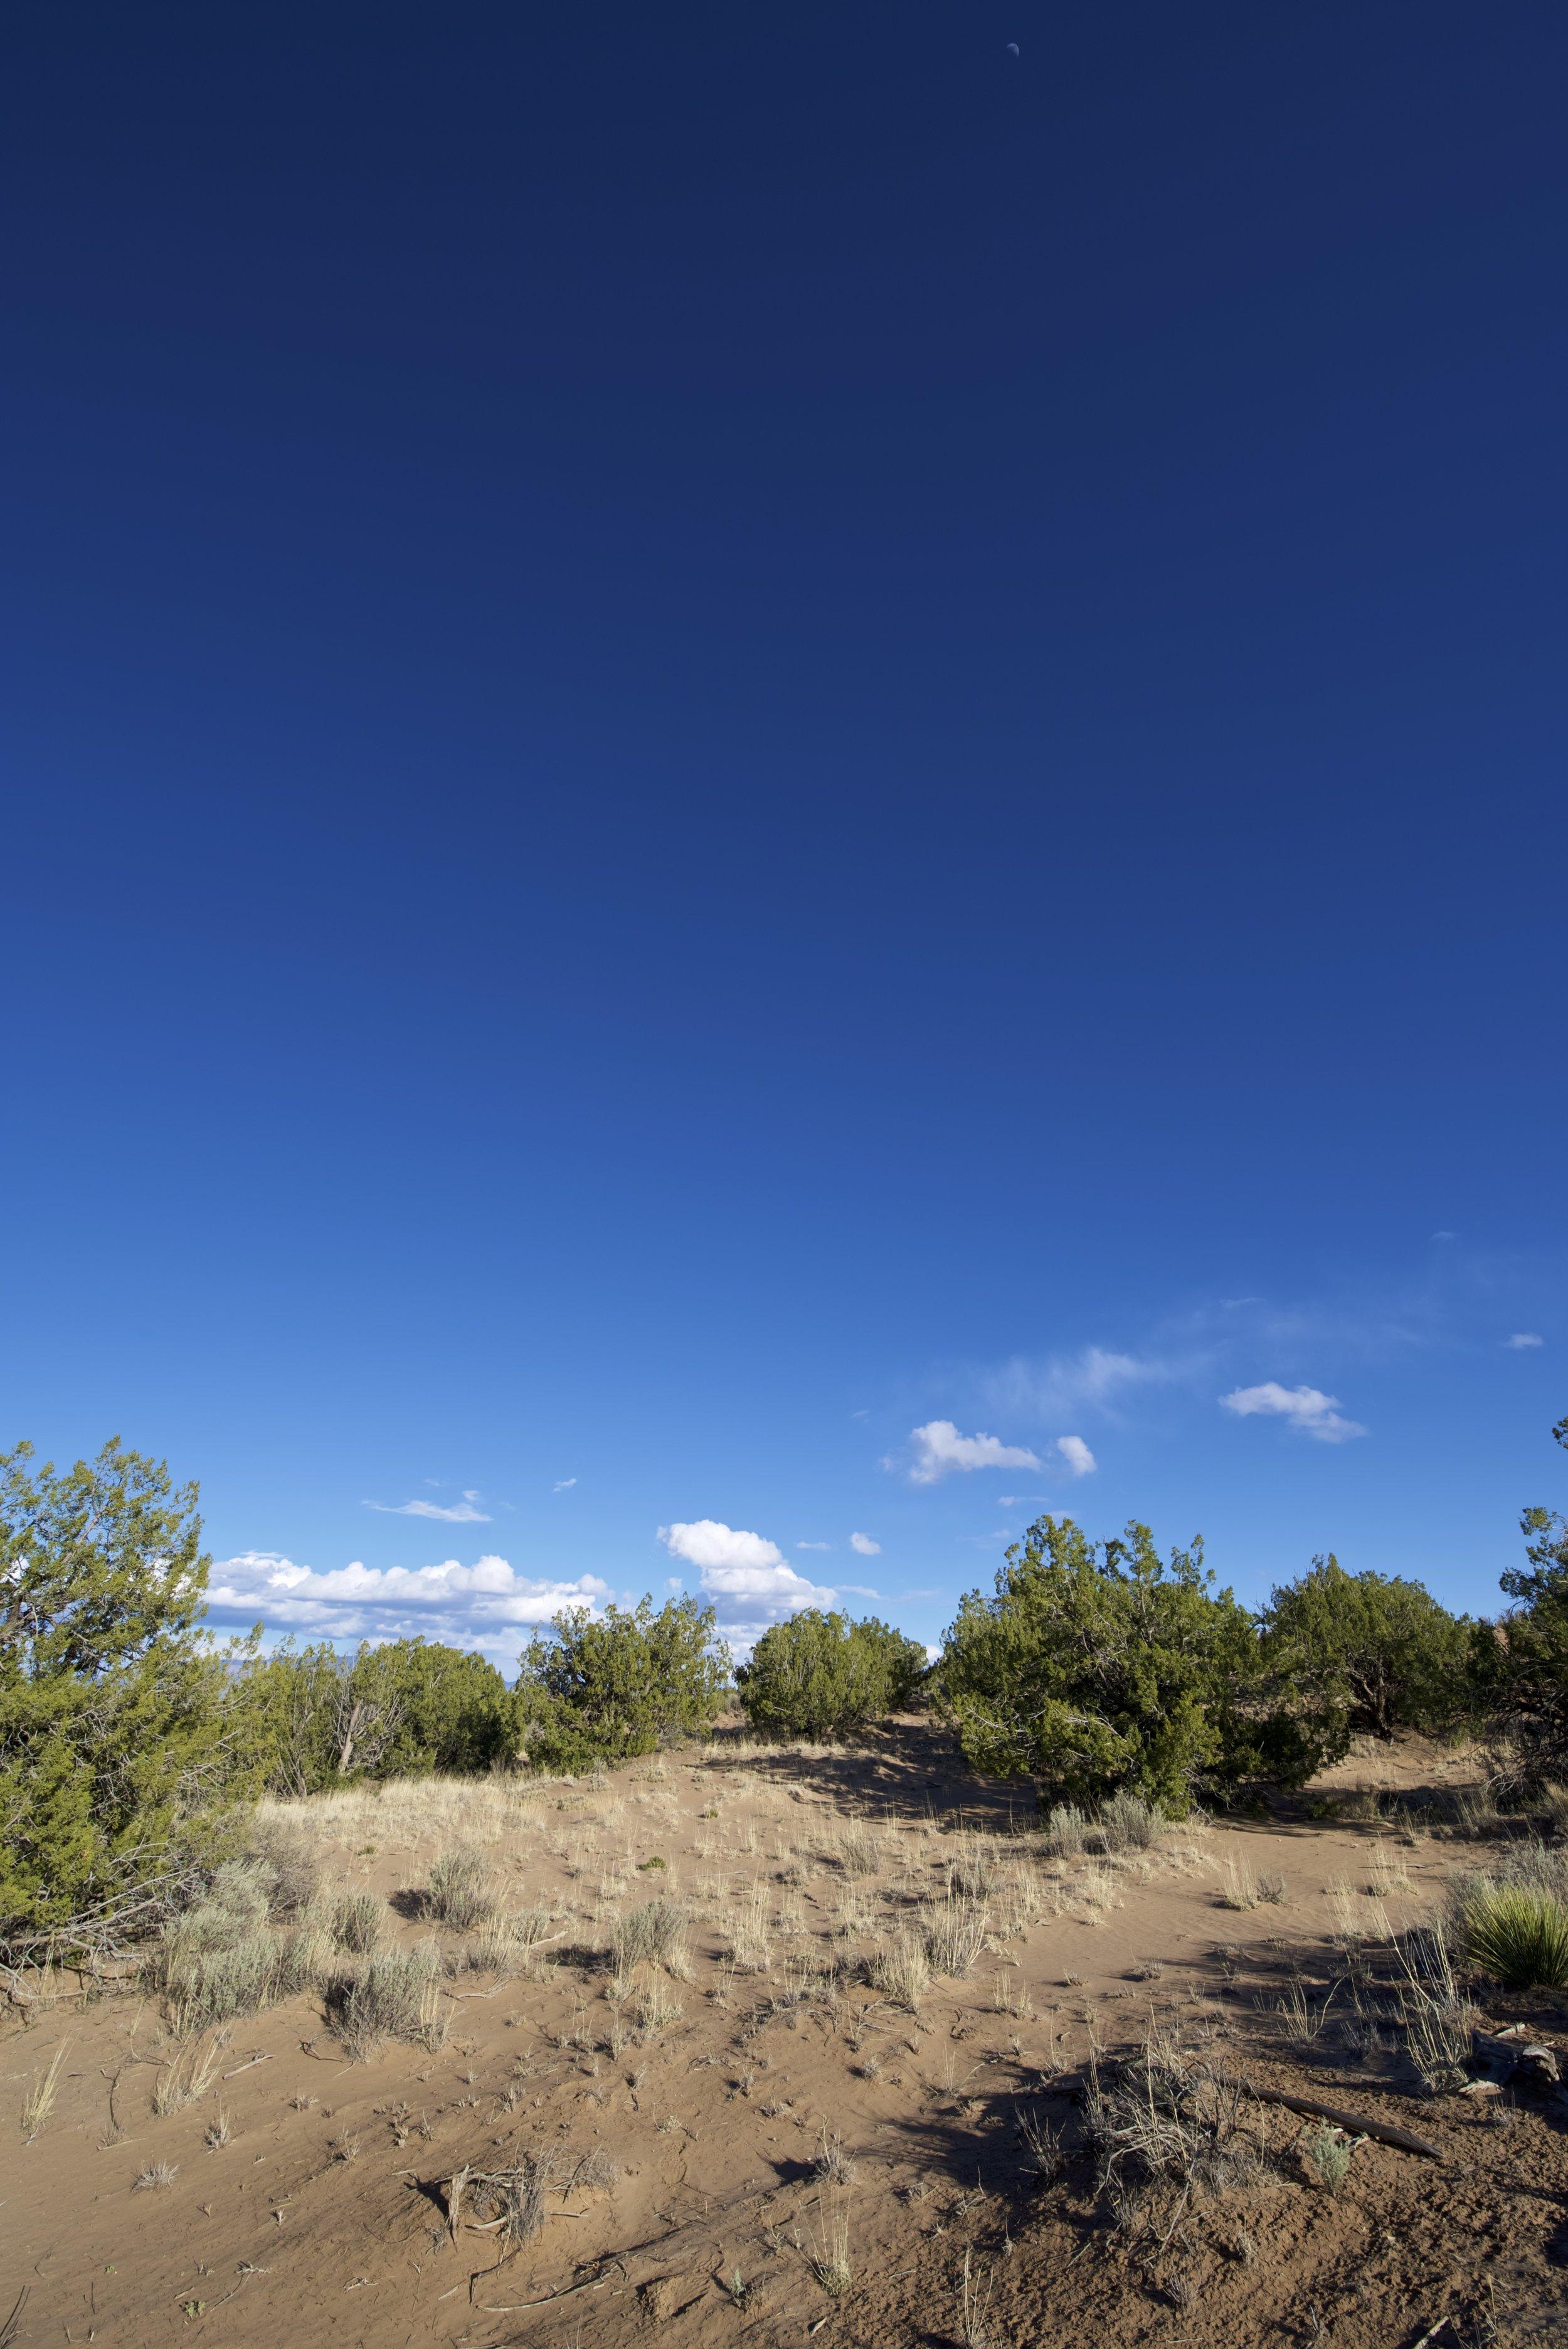 SNNM-2231-rio-rancho-125680.jpg